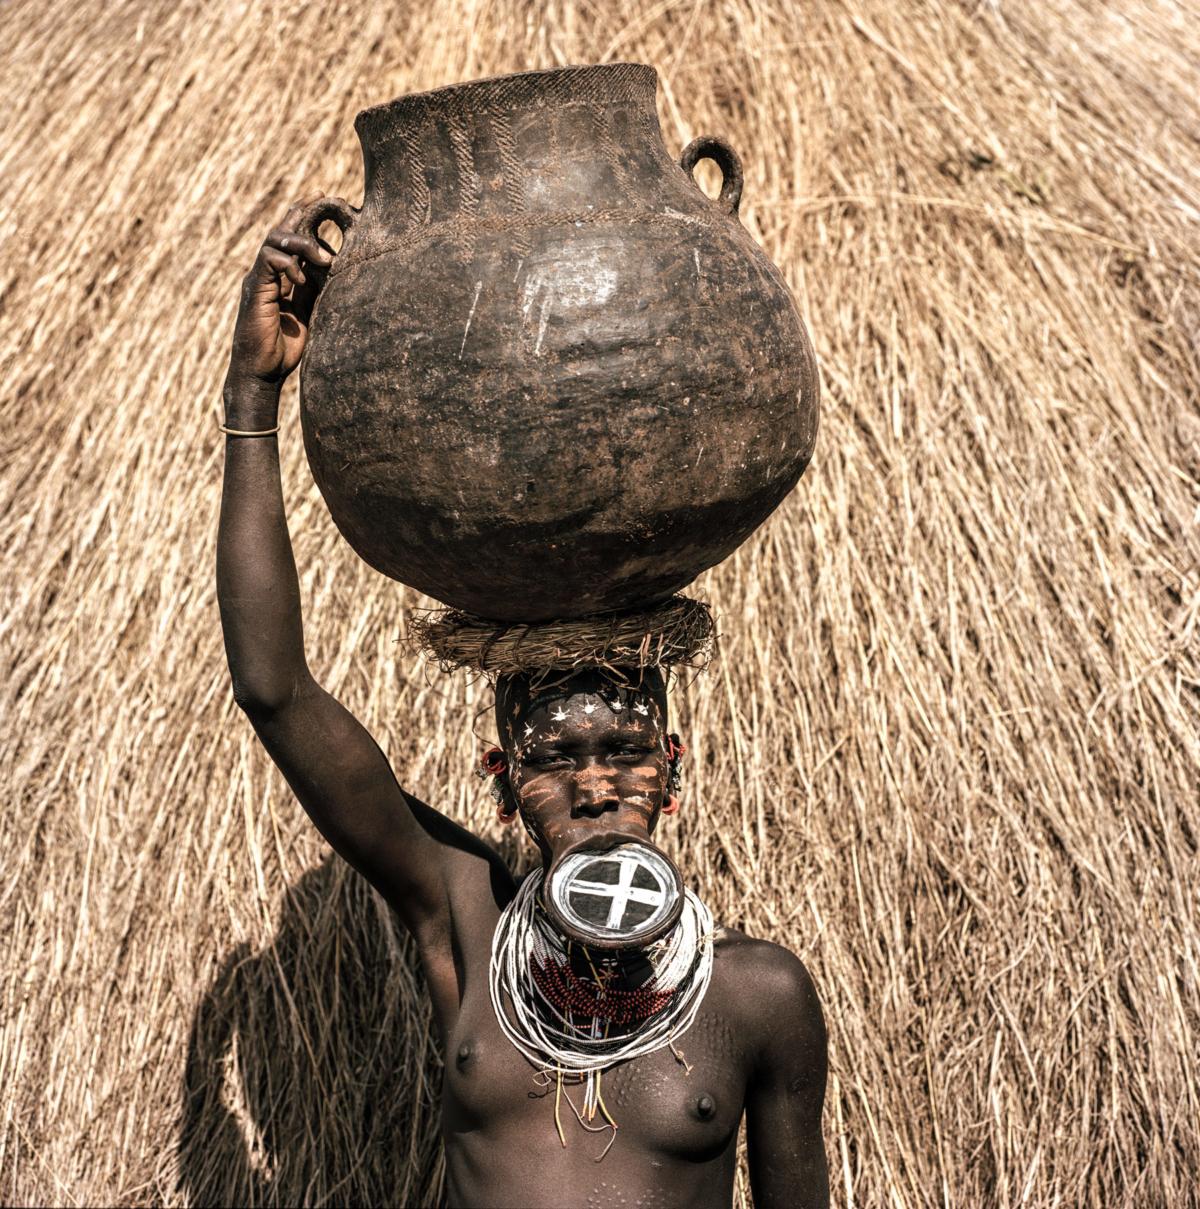 Surmas #4, Ethiopie, 2011 Photographie Fine Art print sur papier Hahnemühle 100 x 100 cm, SG-SU04 ©Stephan Gladieu